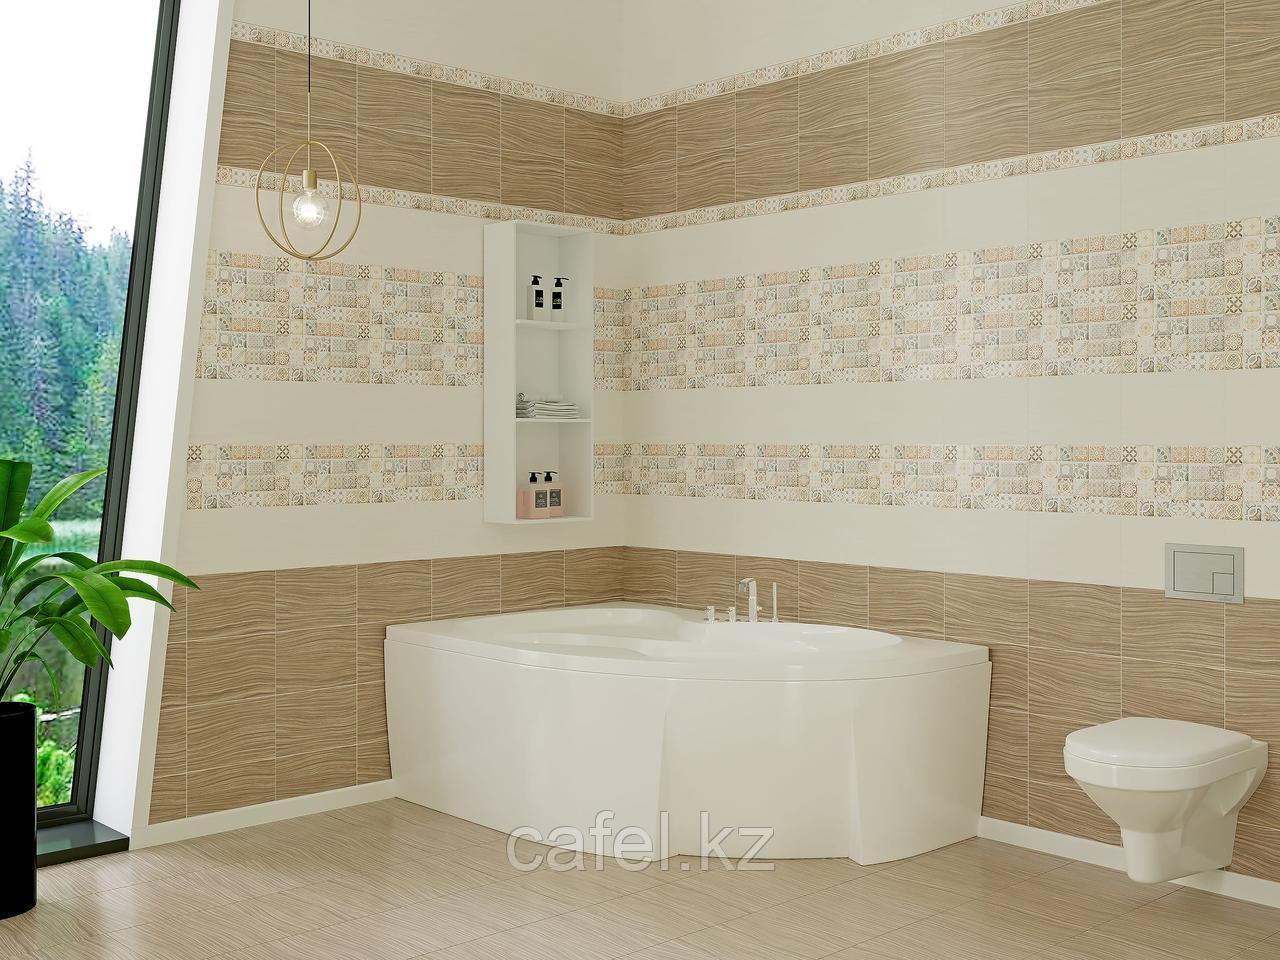 Кафель | Плитка настенная 20х30 Равенна | Ravenna коричневый